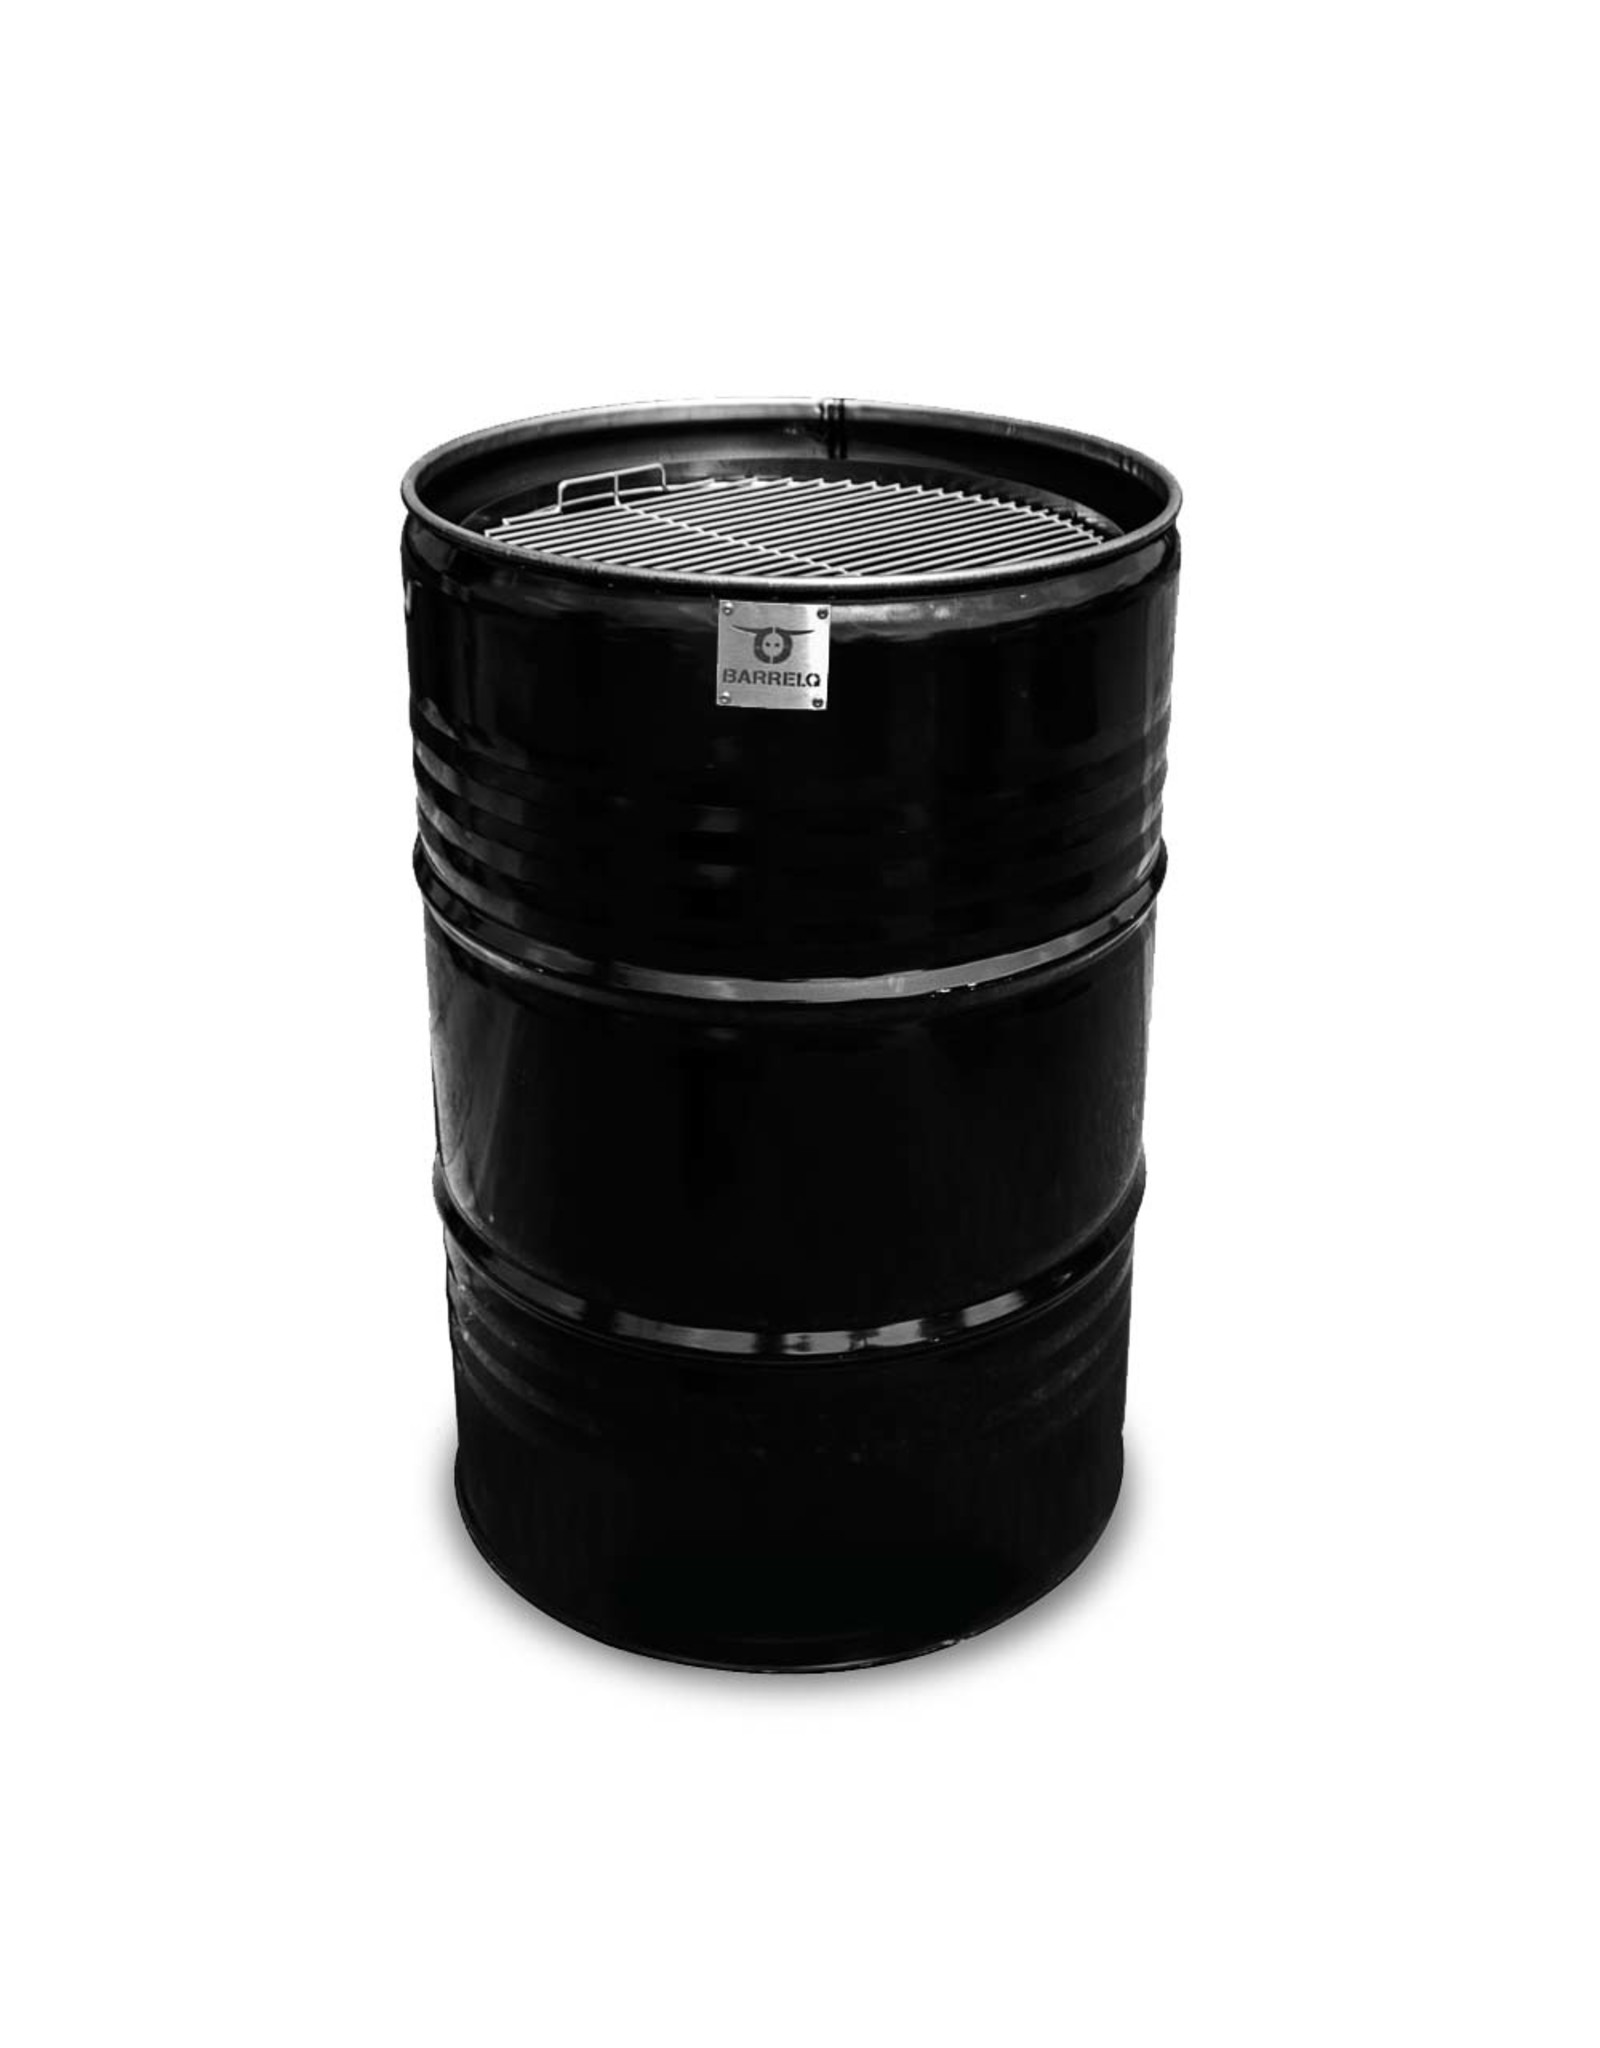 CombiDeal BarrelQ Big Original met Teppanyaki